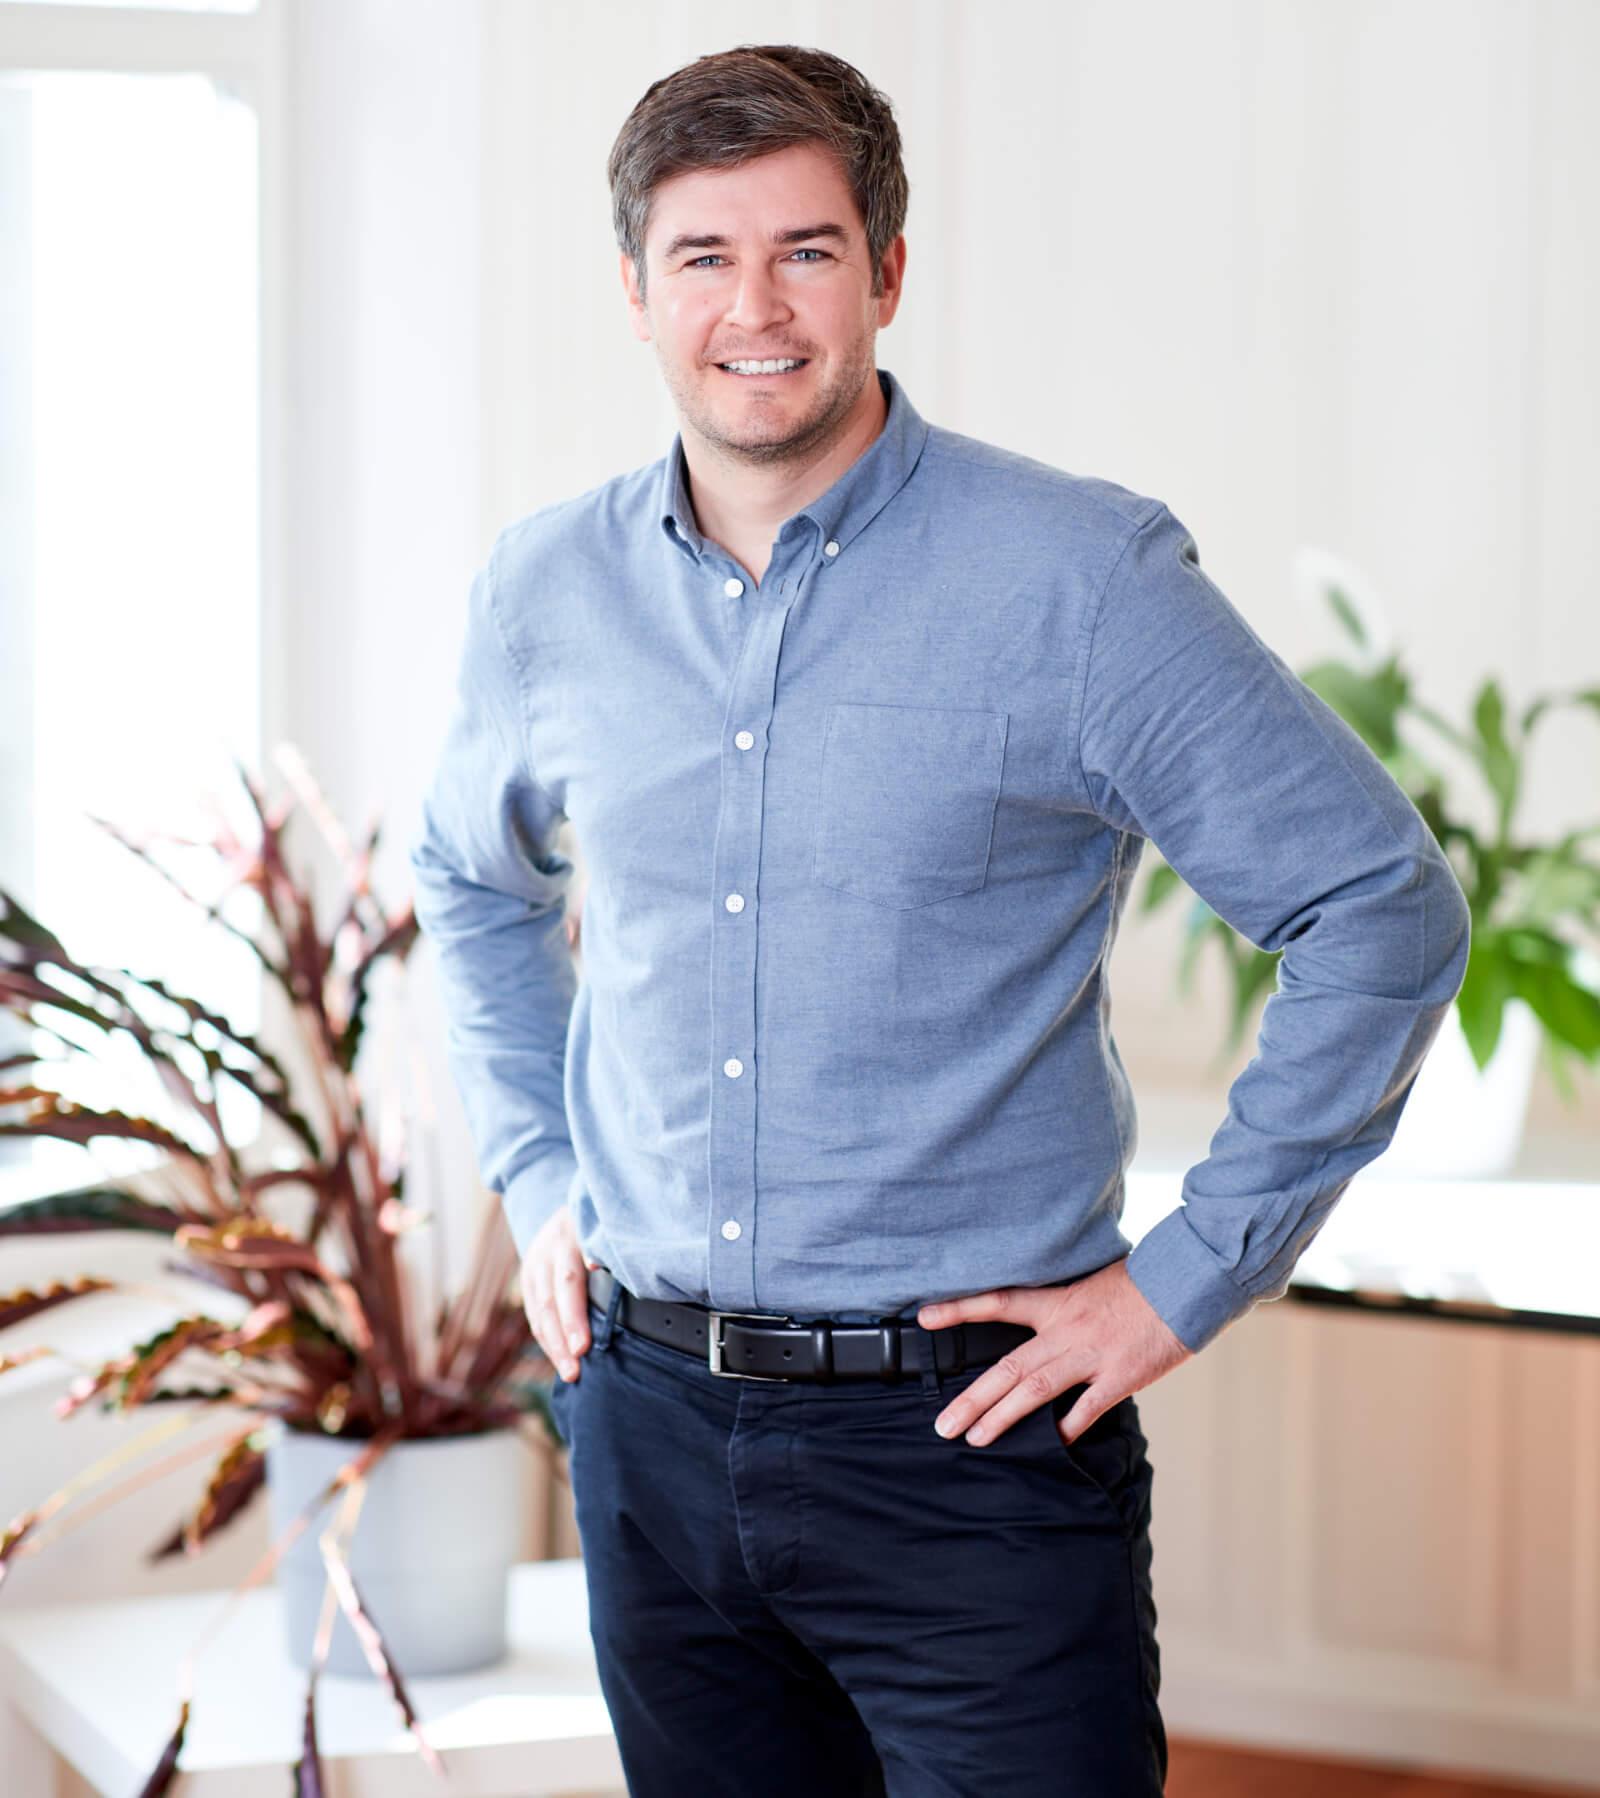 Matthias Wiget